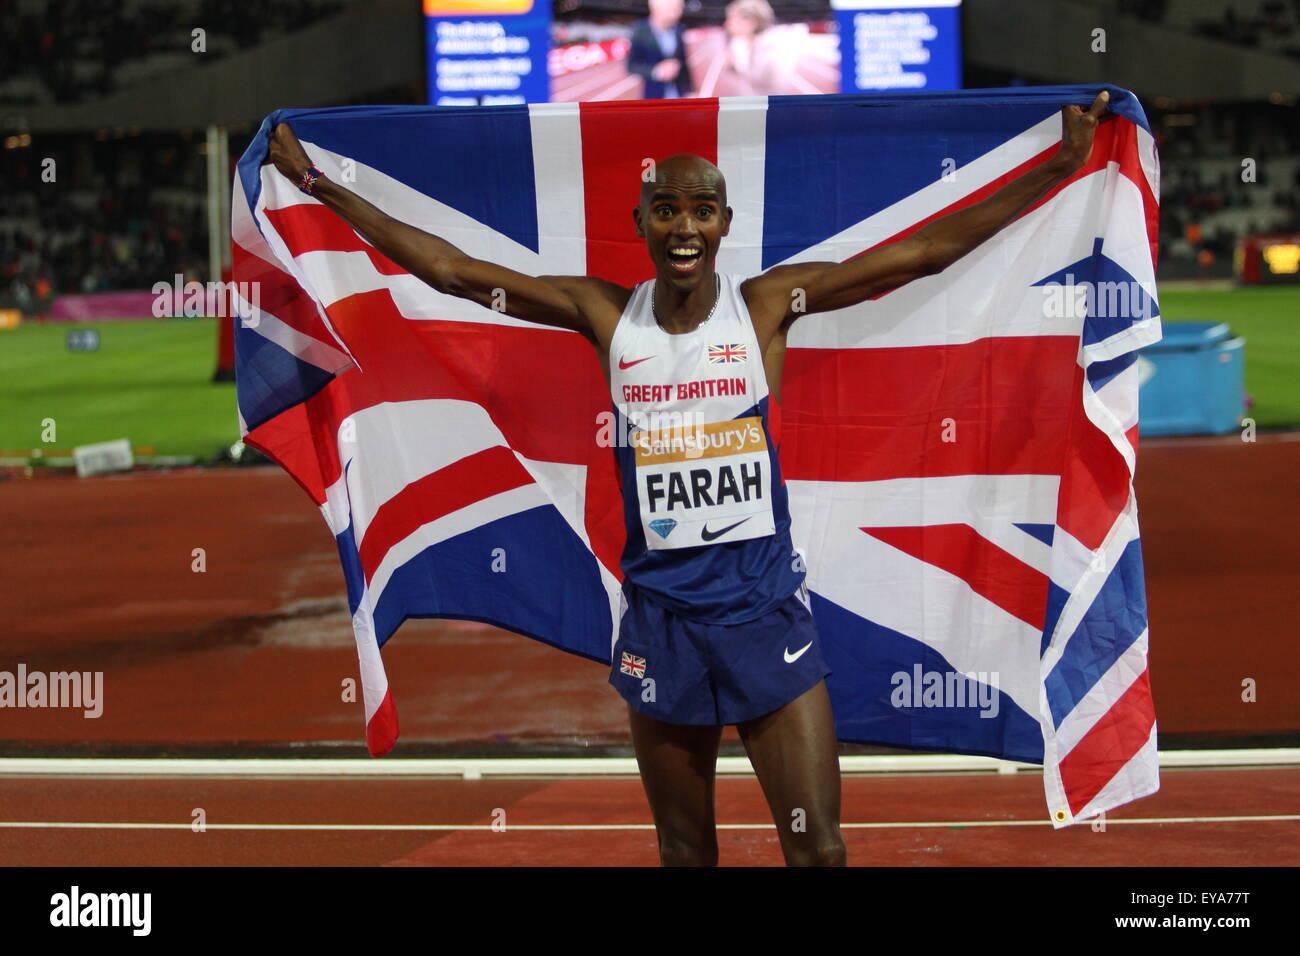 Londres, Reino Unido. 24 de julio de 2015. Mo Farah celebrando sus 3000m ganar durante el Sainsbury's aniversario Imagen De Stock